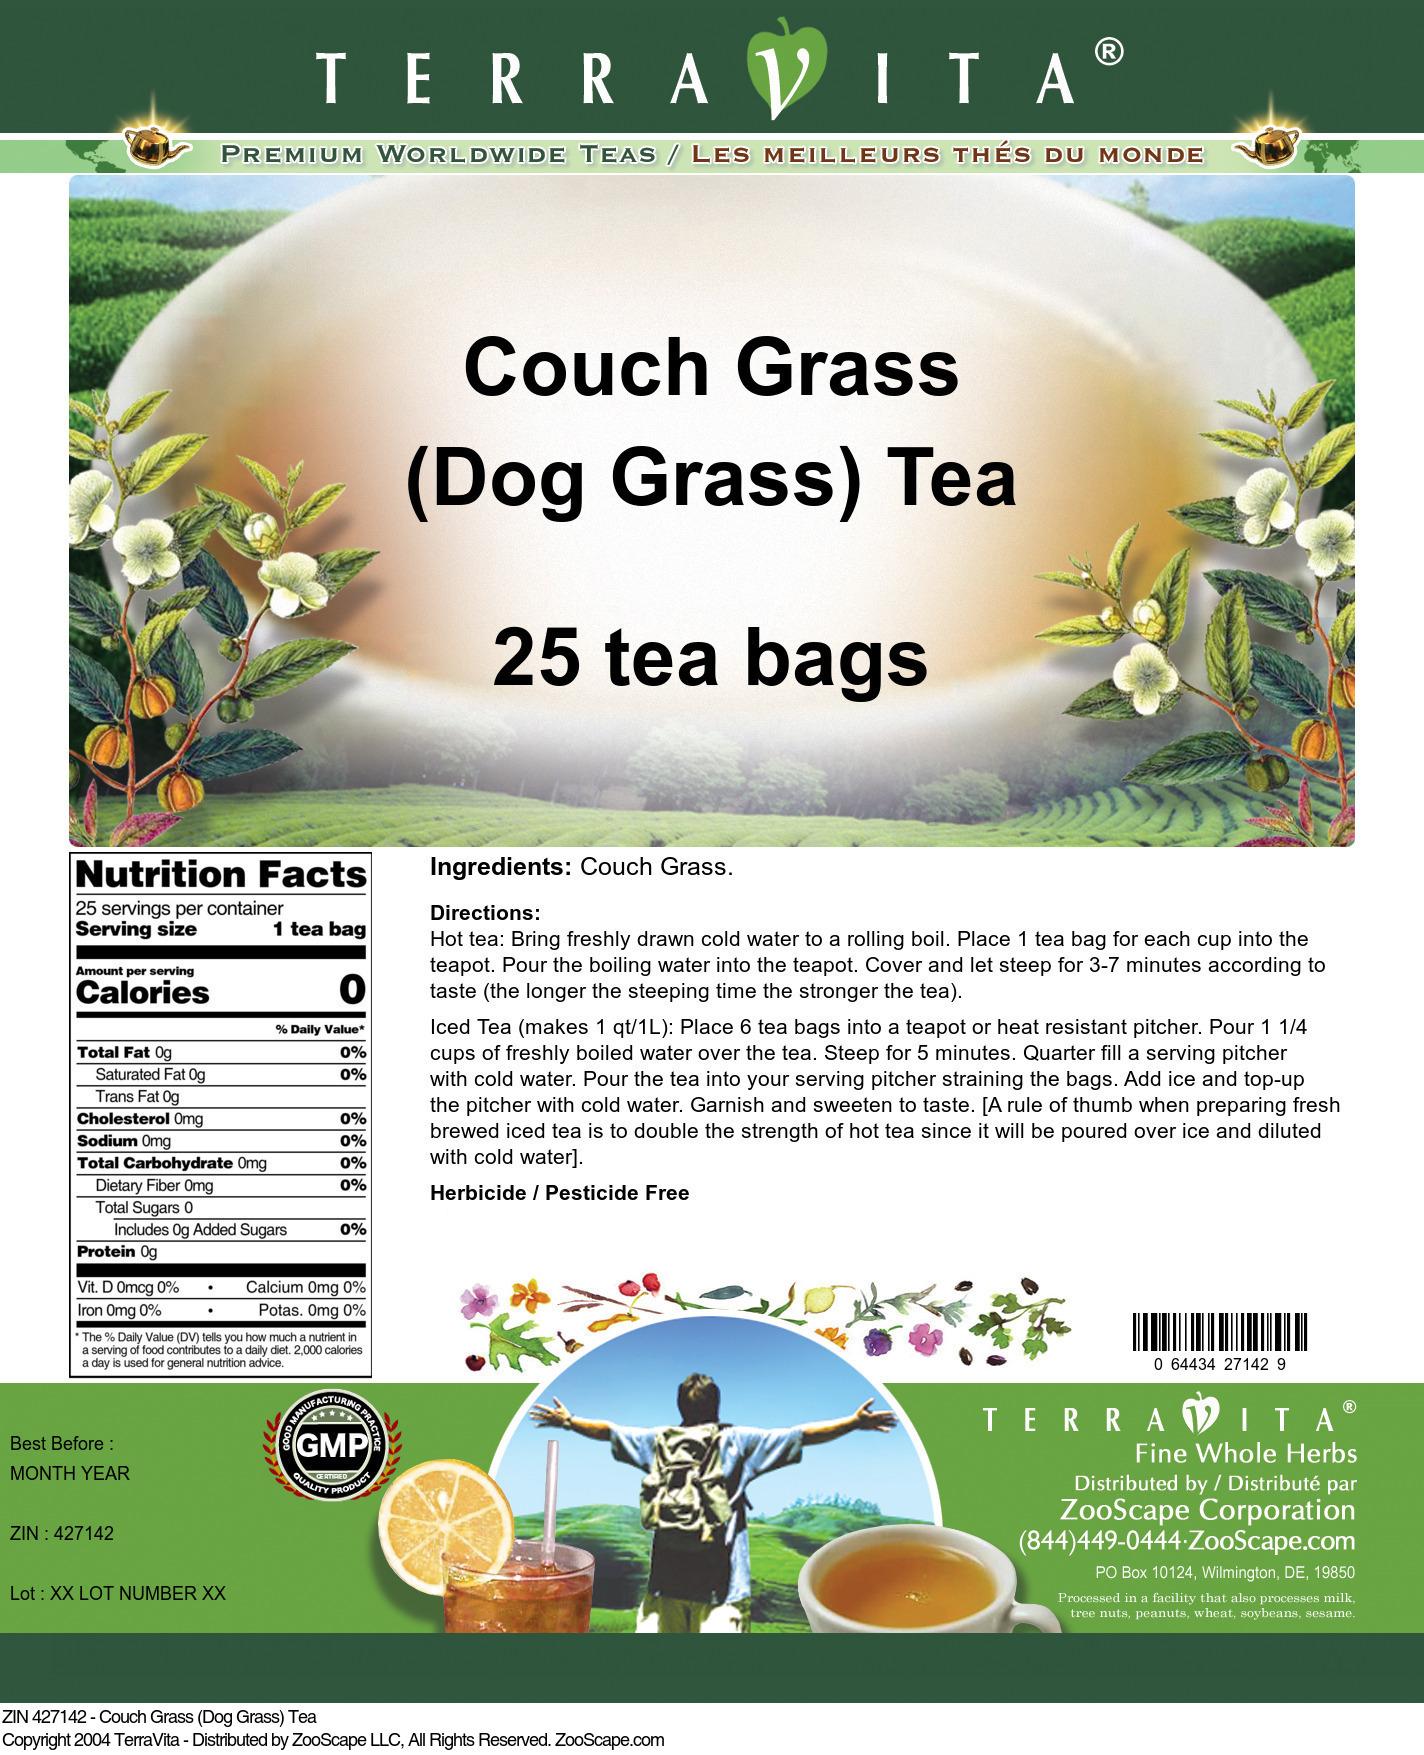 Couch Grass (Dog Grass) Tea